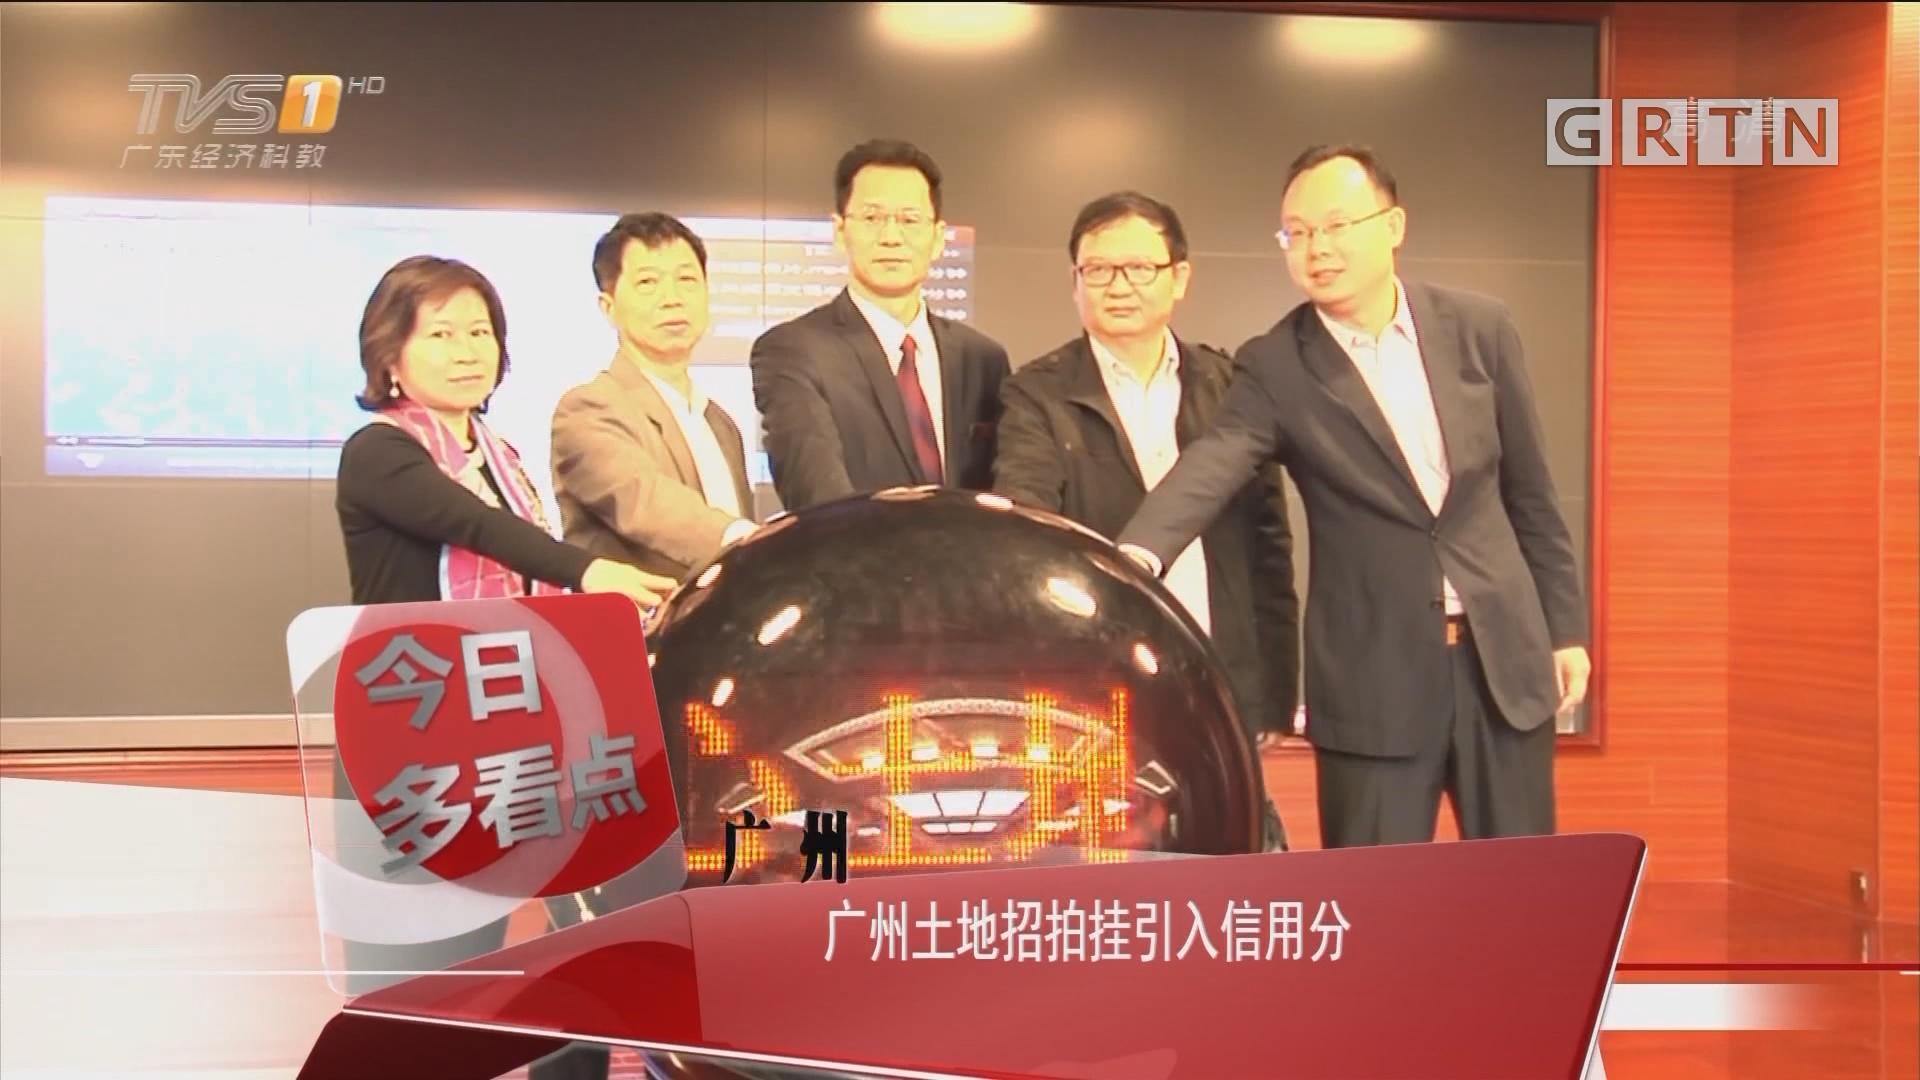 广州:广州土地招拍挂引入信用分